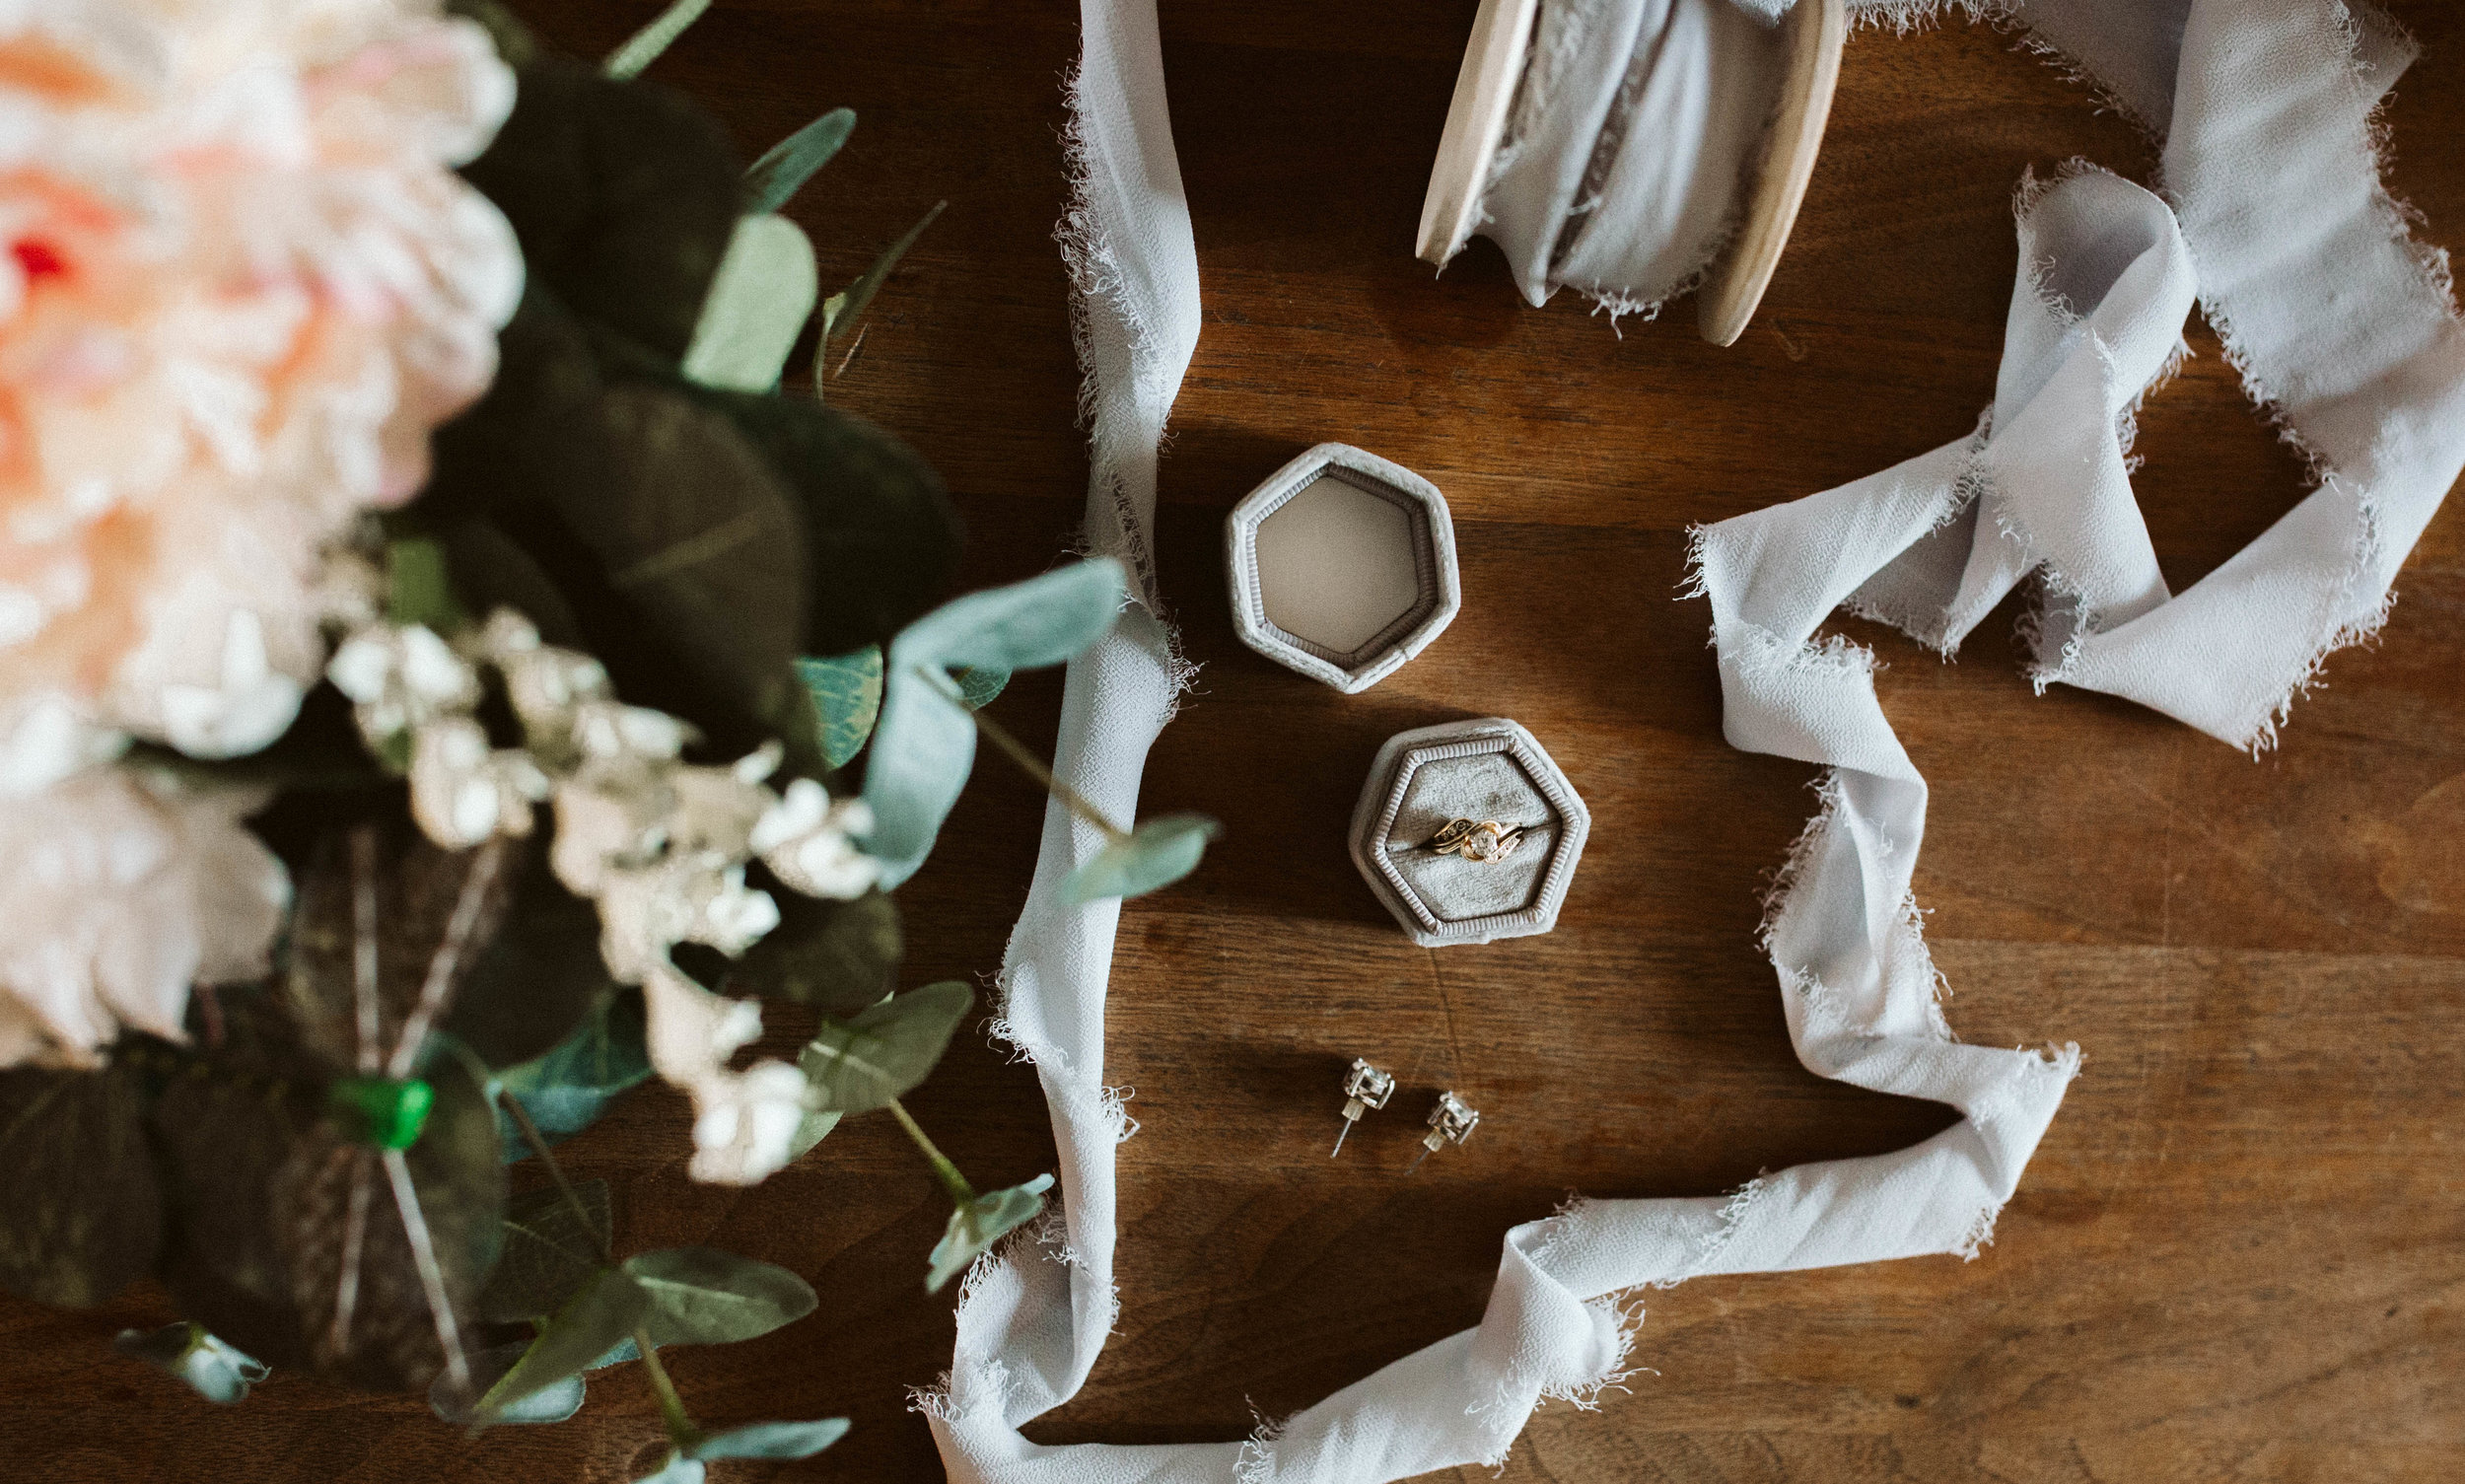 izzy+jacob-weddingsneakpeekblog-3.jpg